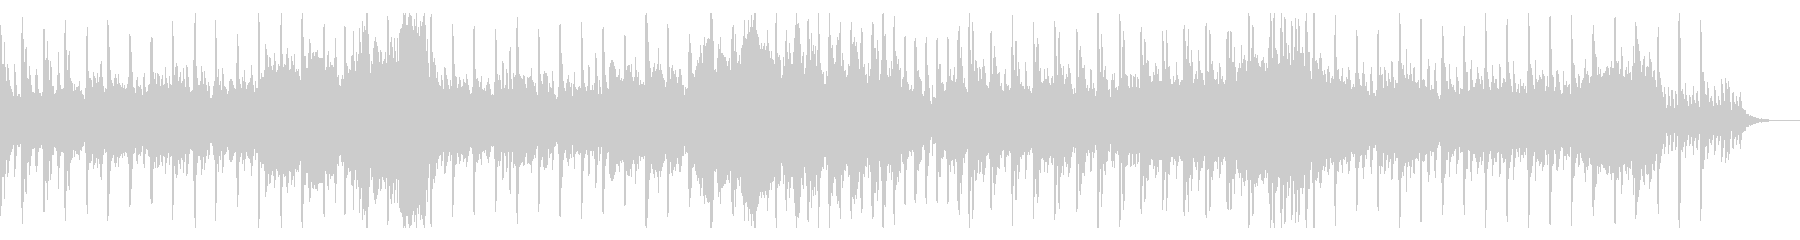 三拍子オルゴール風やや不気味なハロウィンの未再生の波形